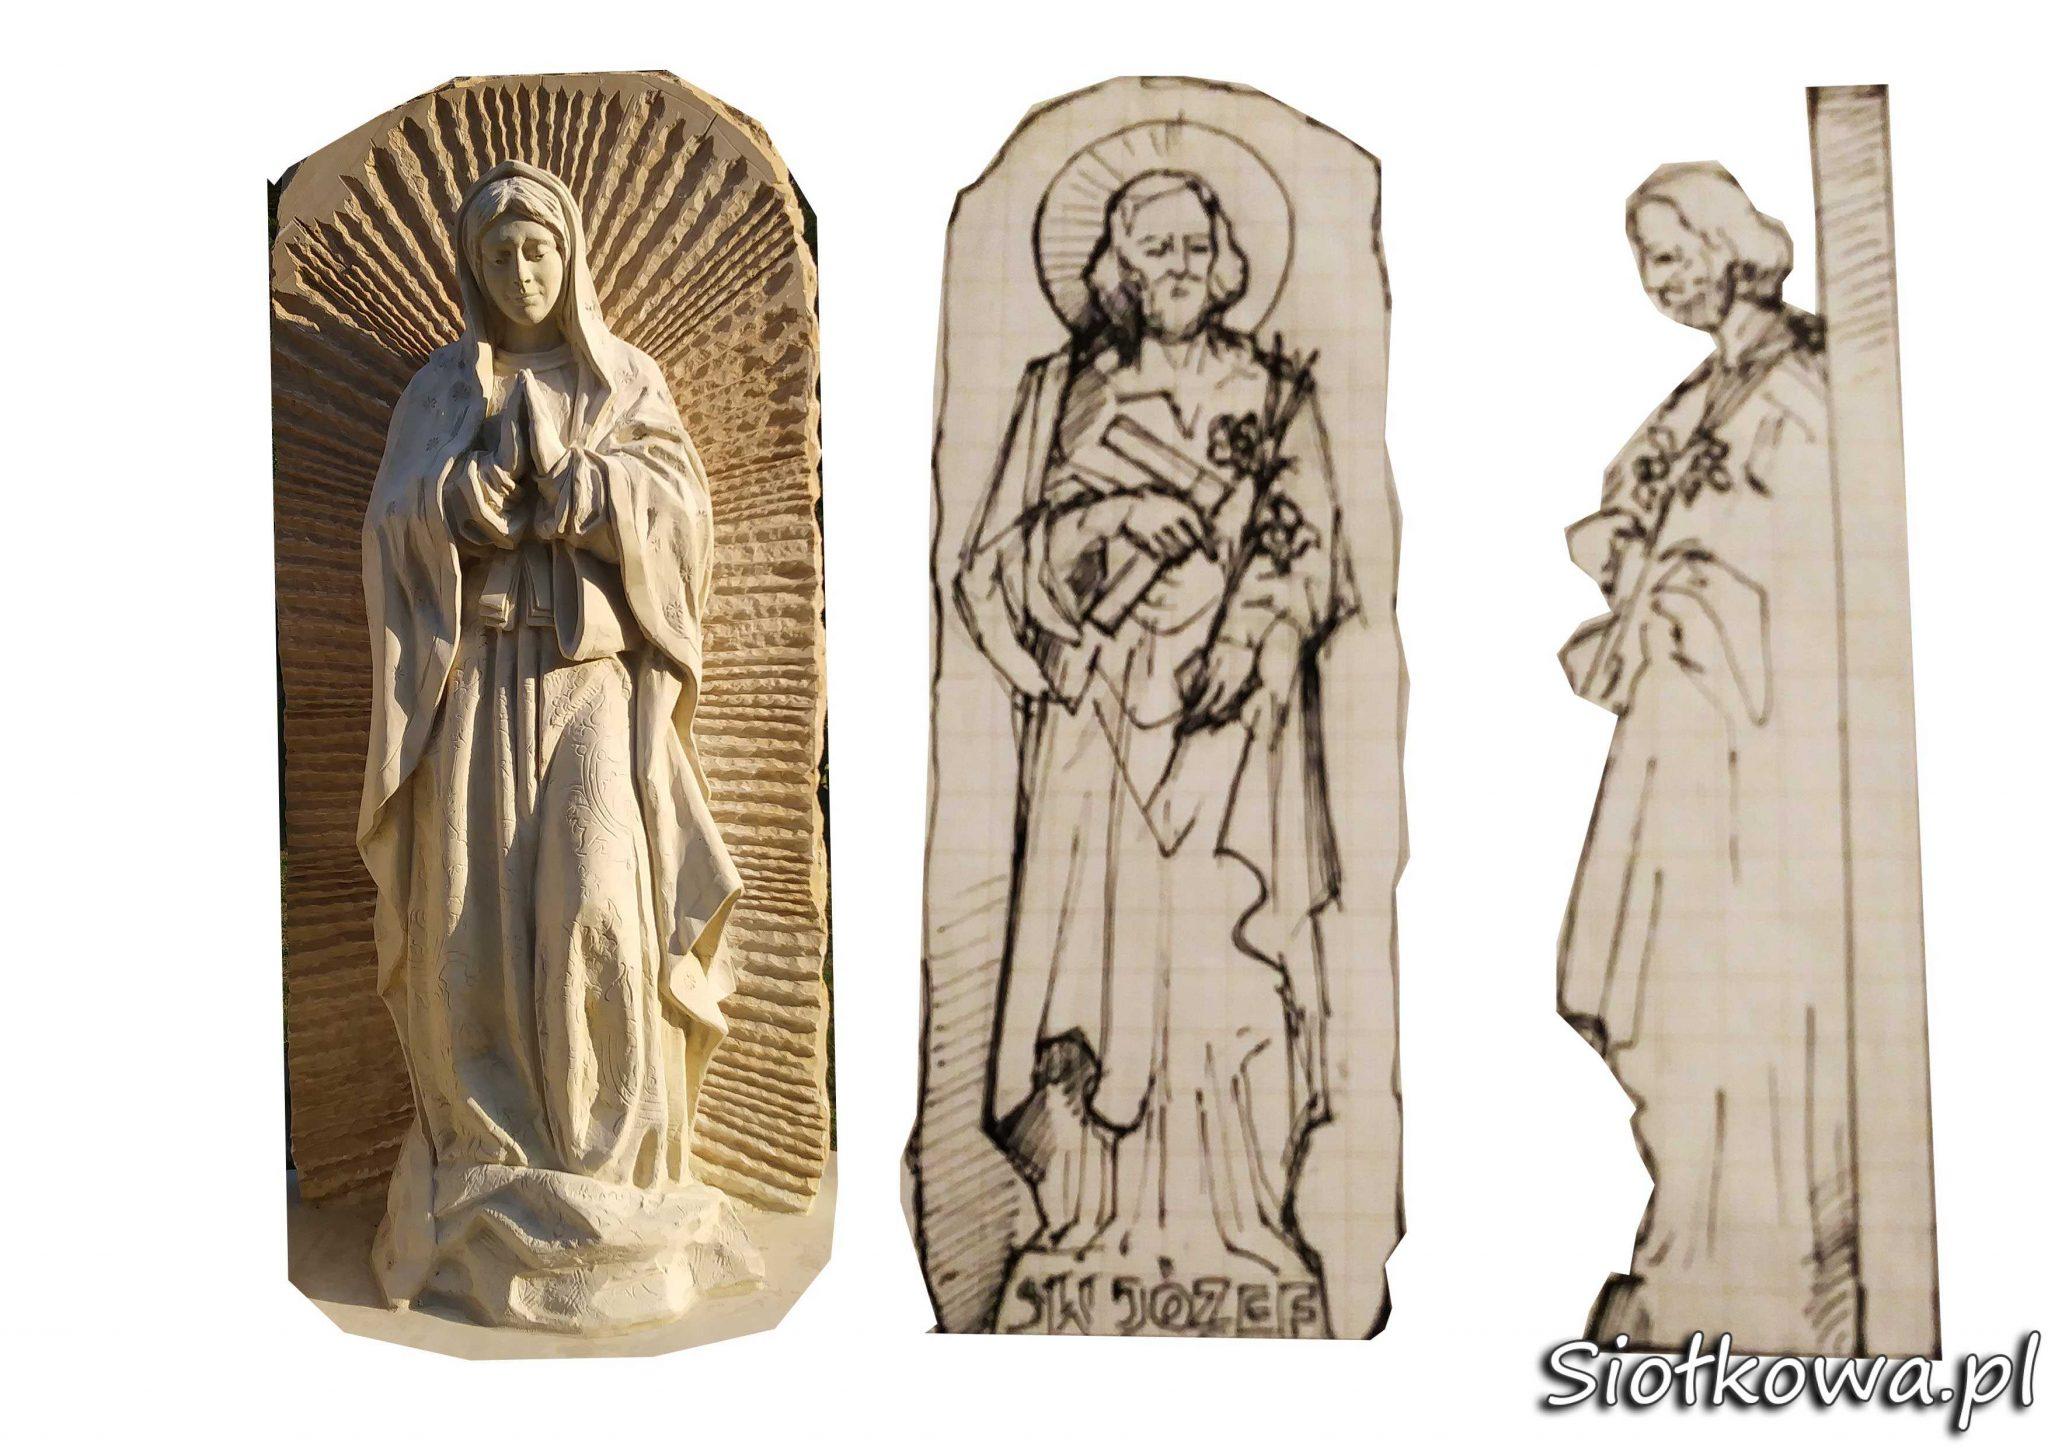 Budujemy pomnik Świętego Józefa – ważne ogłoszenie